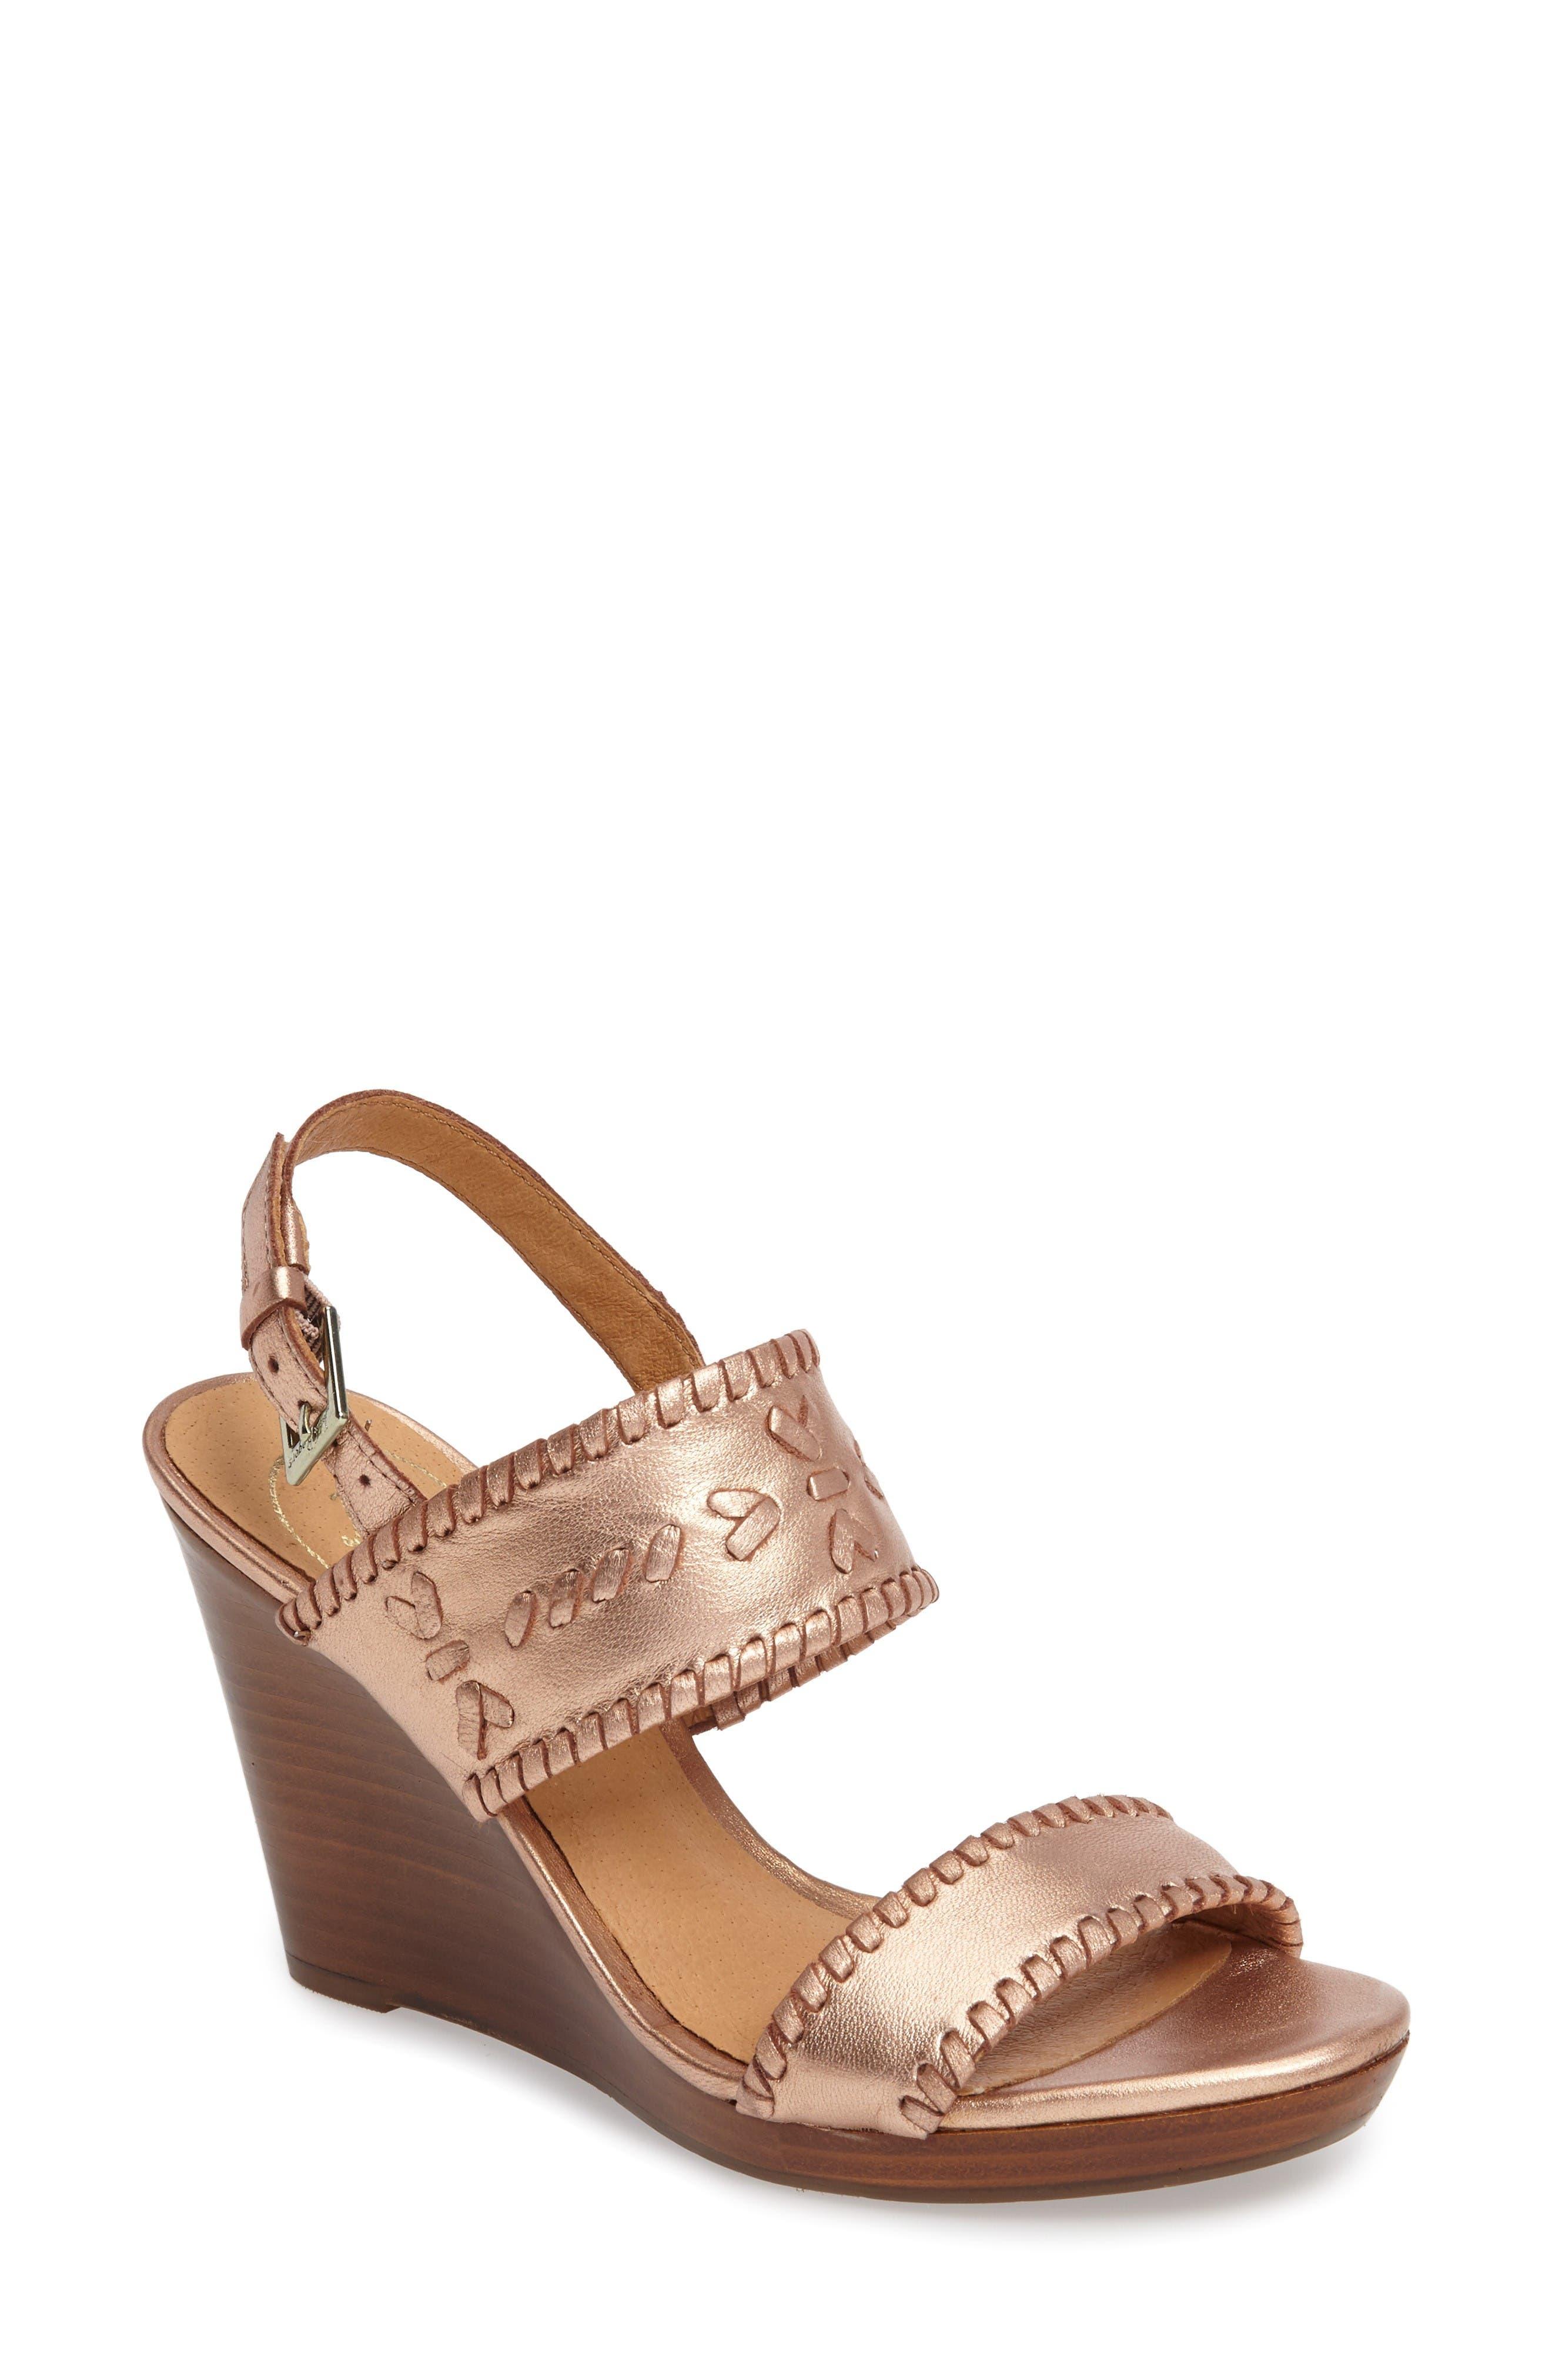 JACK ROGERS 'Vanessa' Wedge Sandal